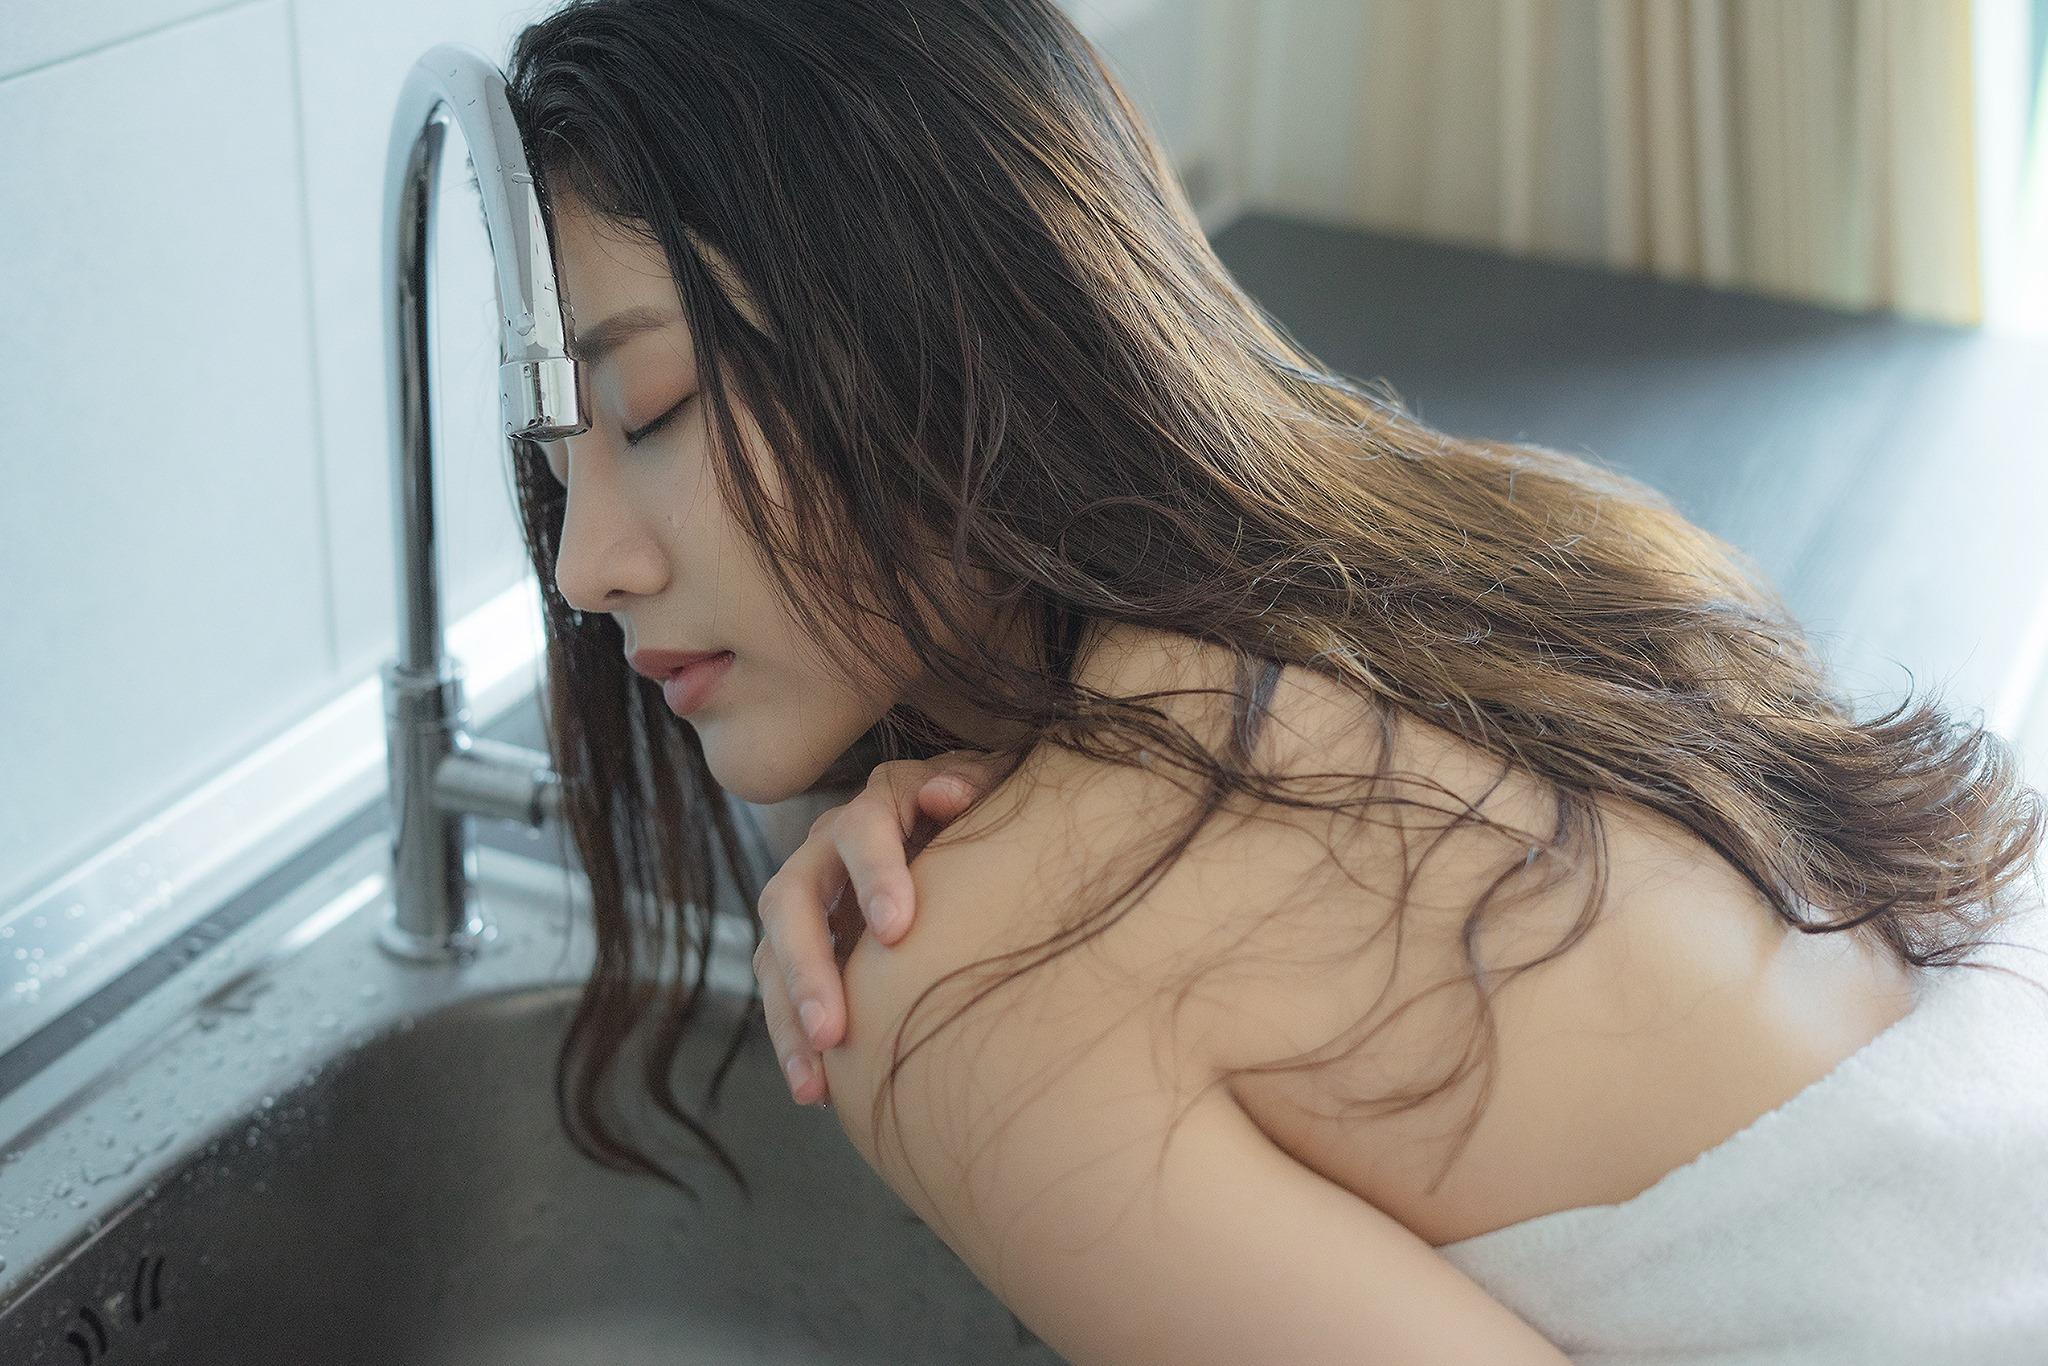 After Shower - Kanyapat Suvinan